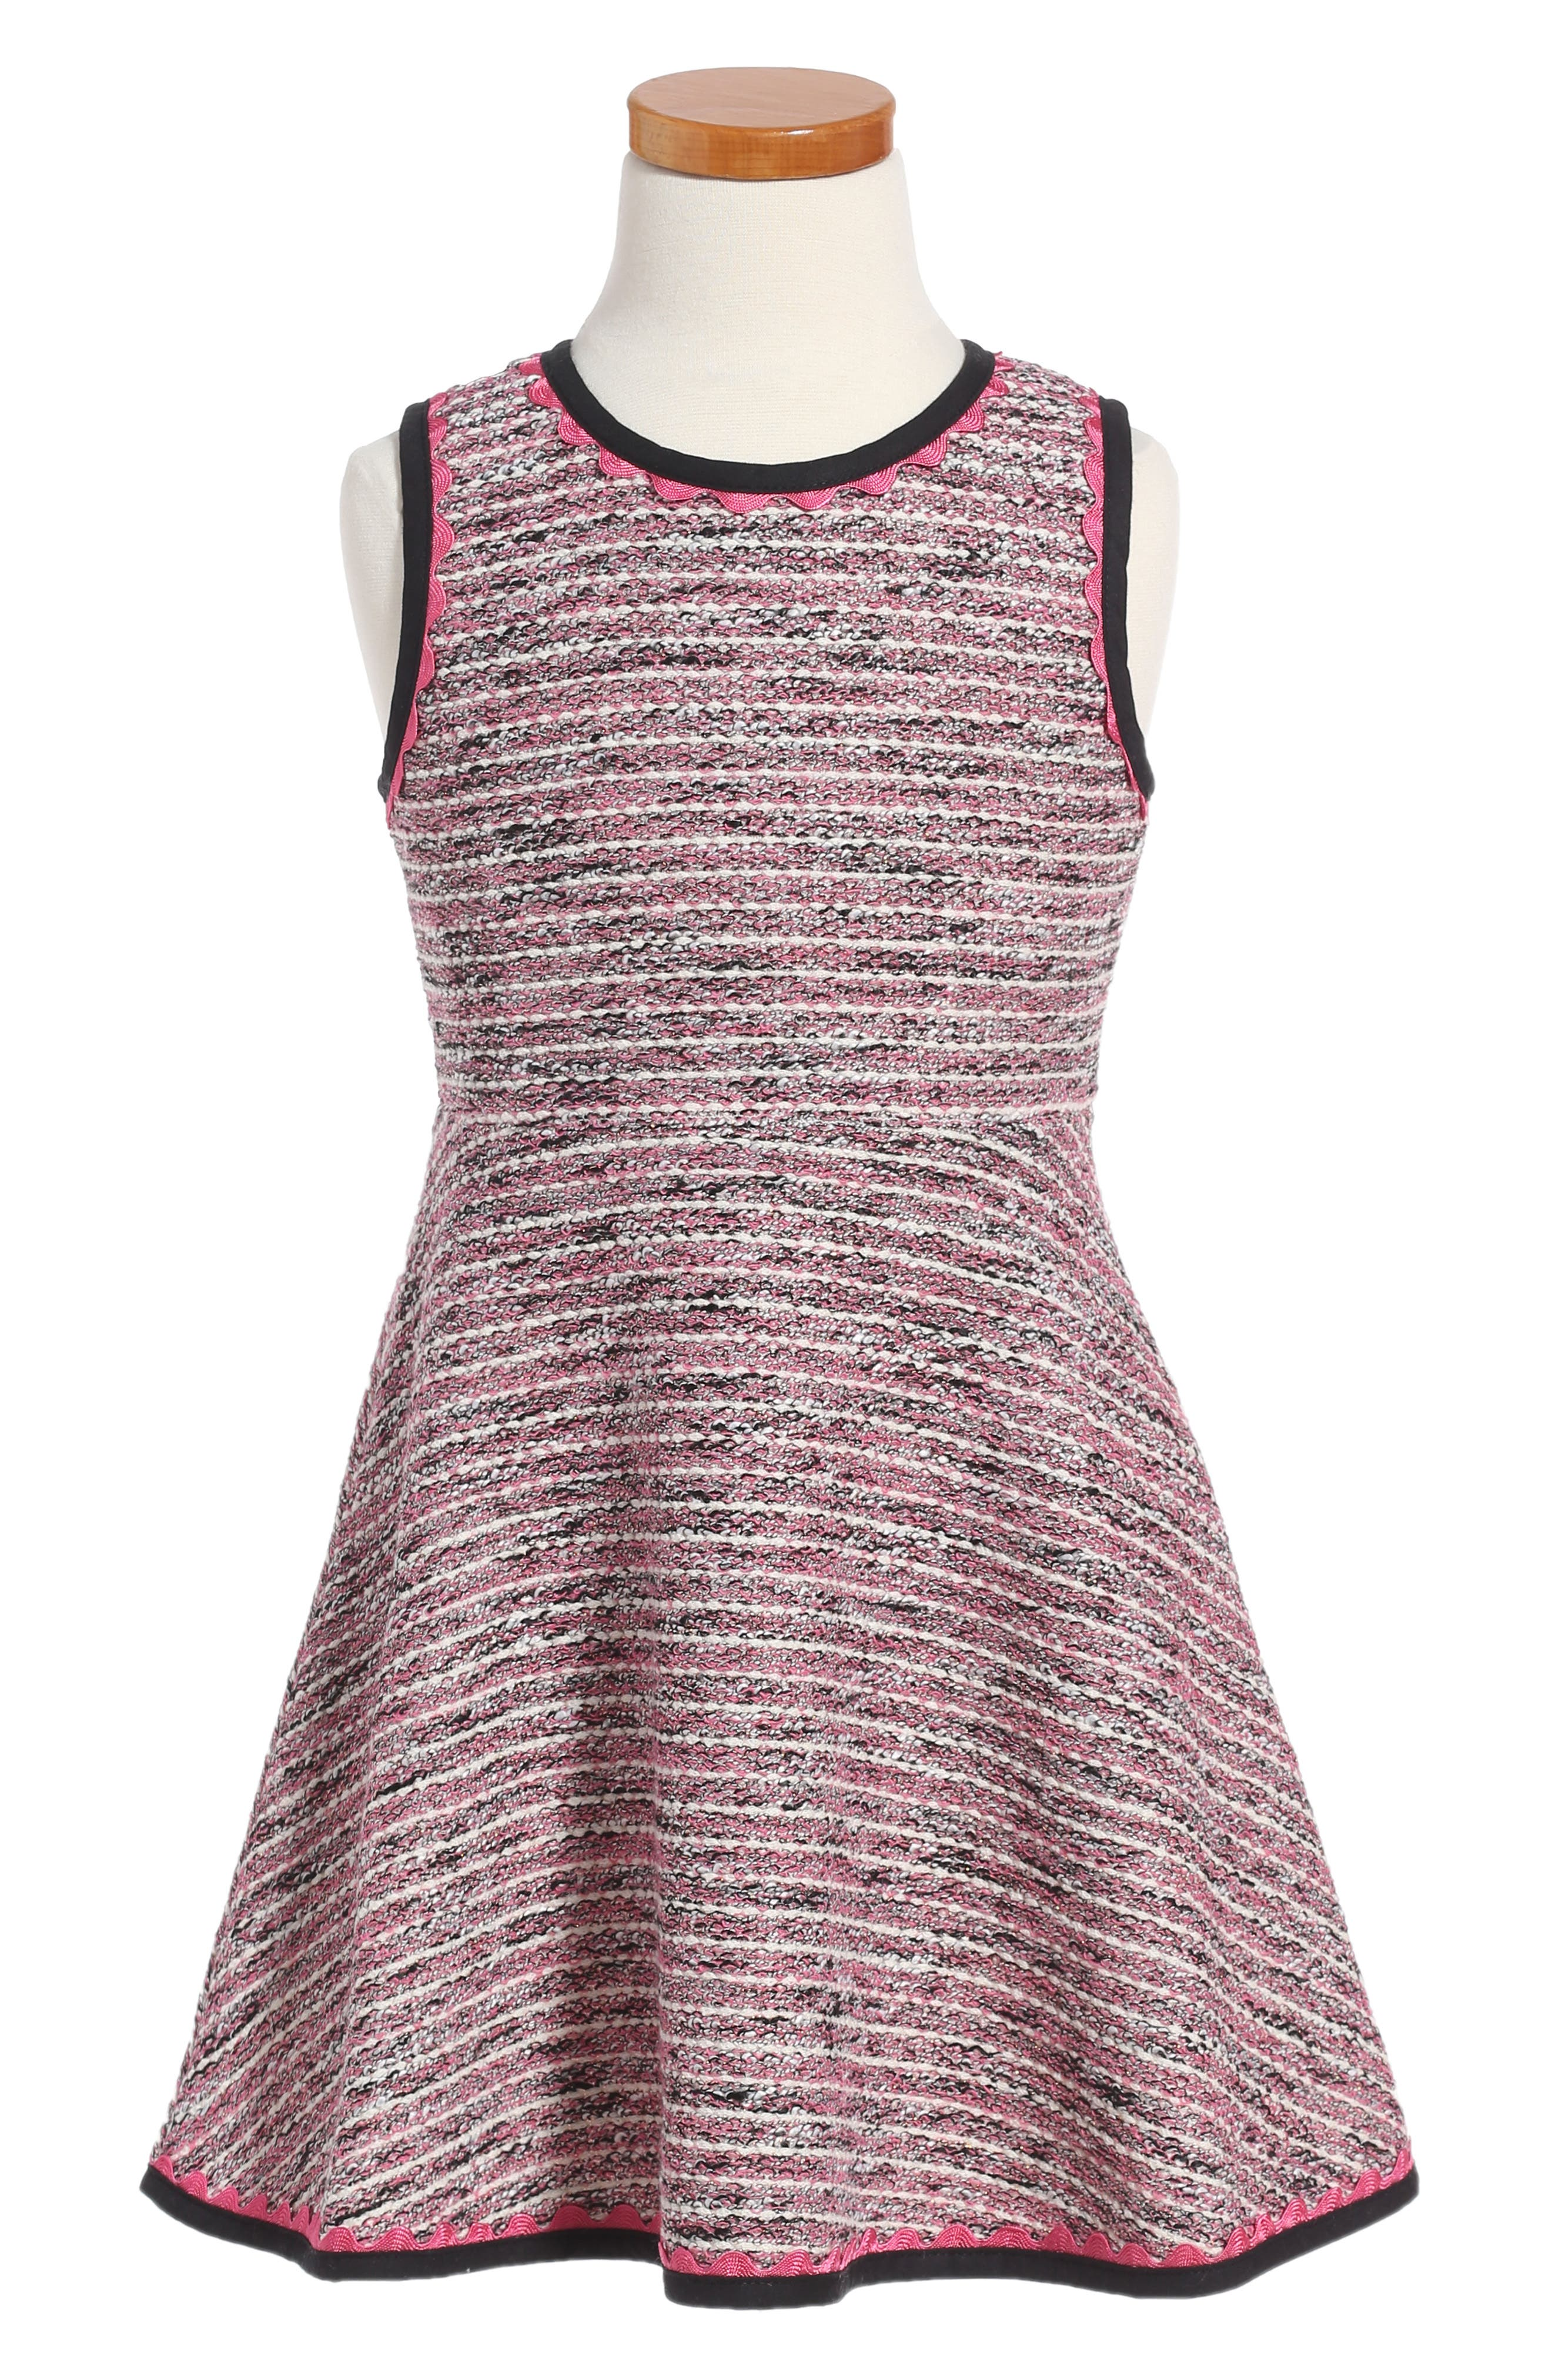 kate spade new york tweed dress (Toddler Girls & Little Girls)